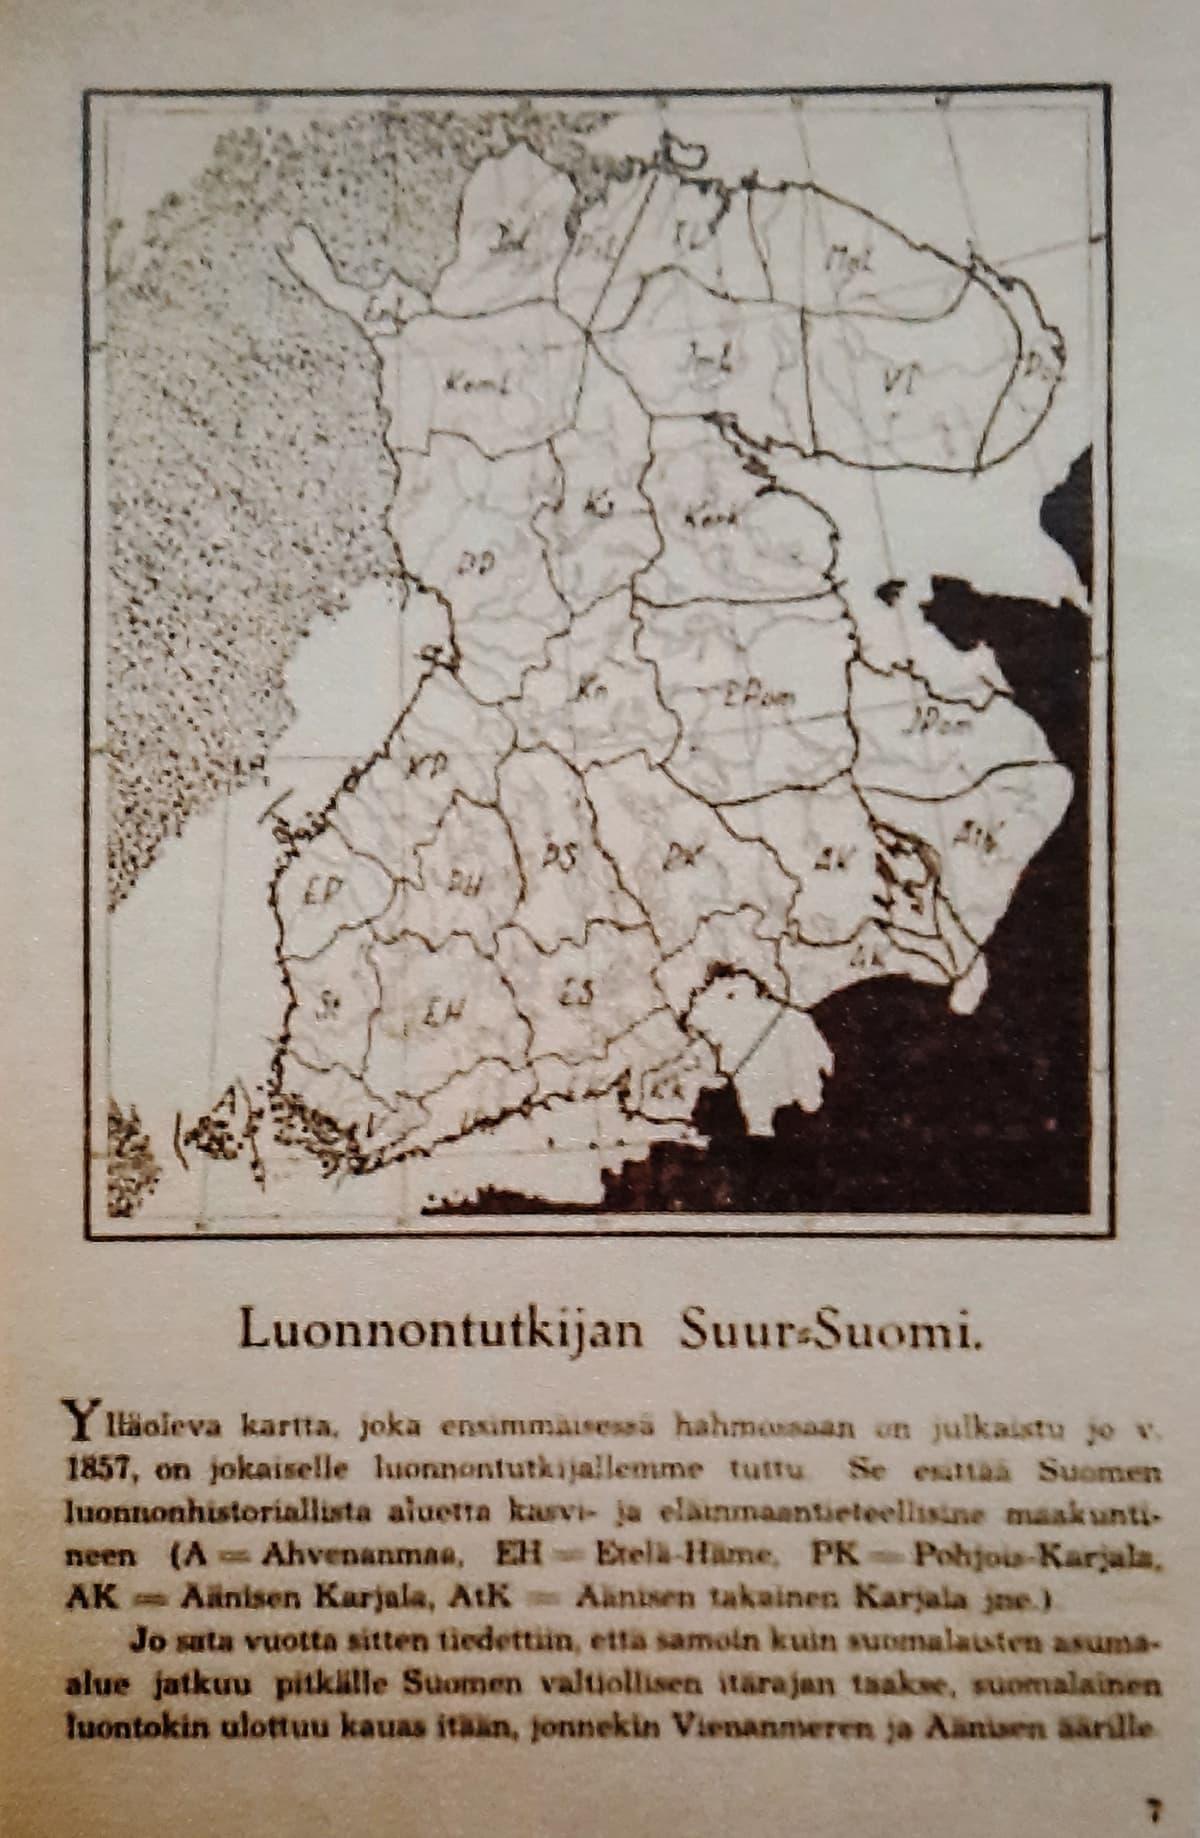 Luonnontutkijan Suur-Suomi -kartta